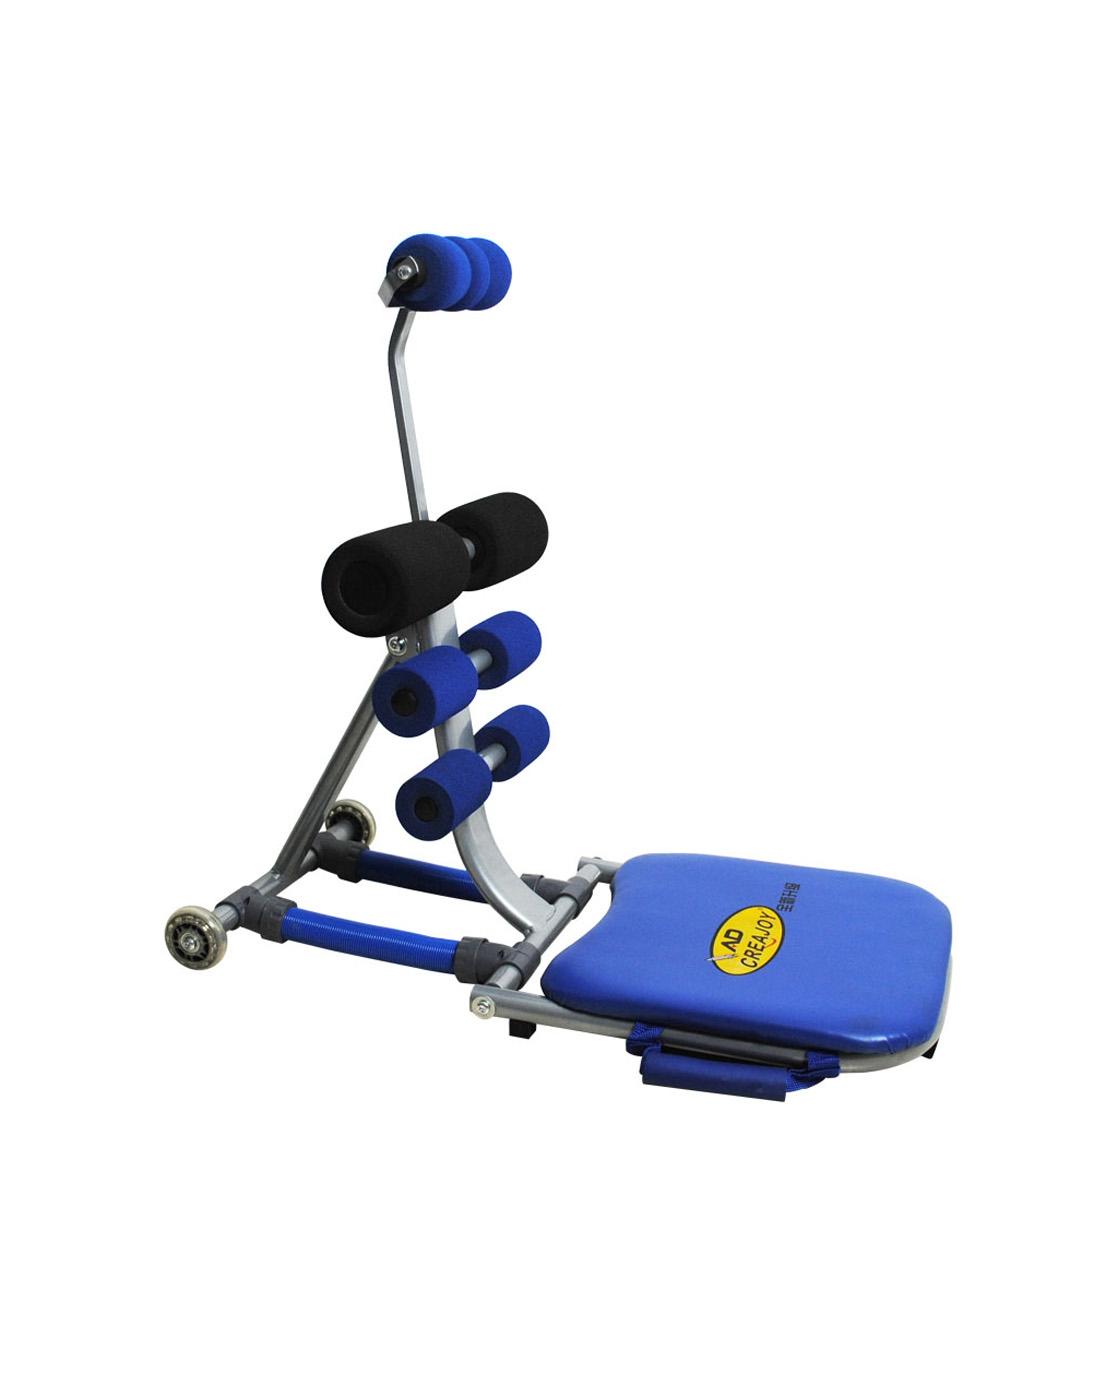 仰卧起坐减肥健身器材懒人运动收腹机-唯品会